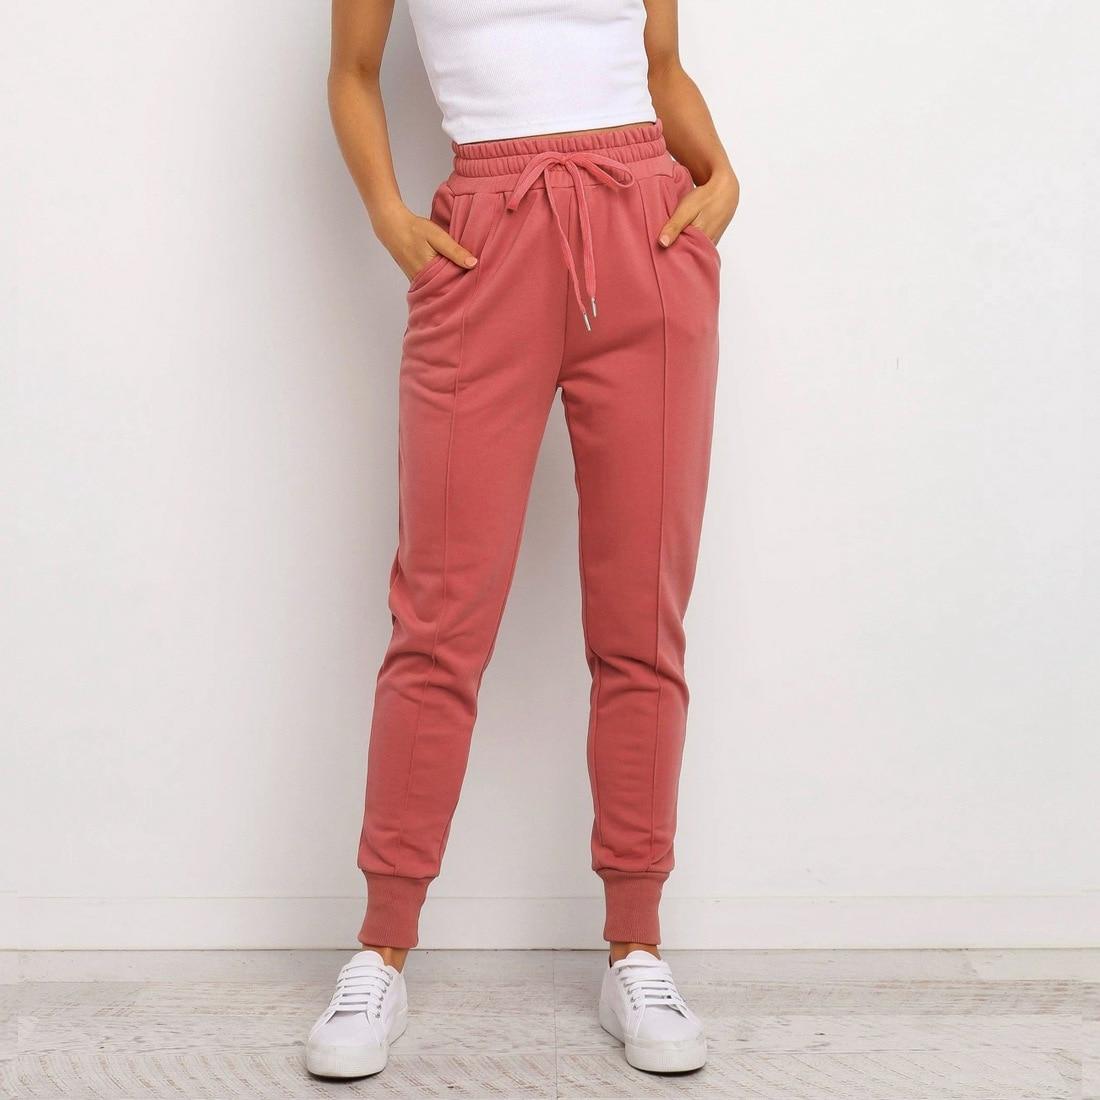 Весна 2021, тренировочные брюки для фитнеса, женские спортивные брюки, женские спортивные брюки, Повседневная Женская свободная спортивная о...